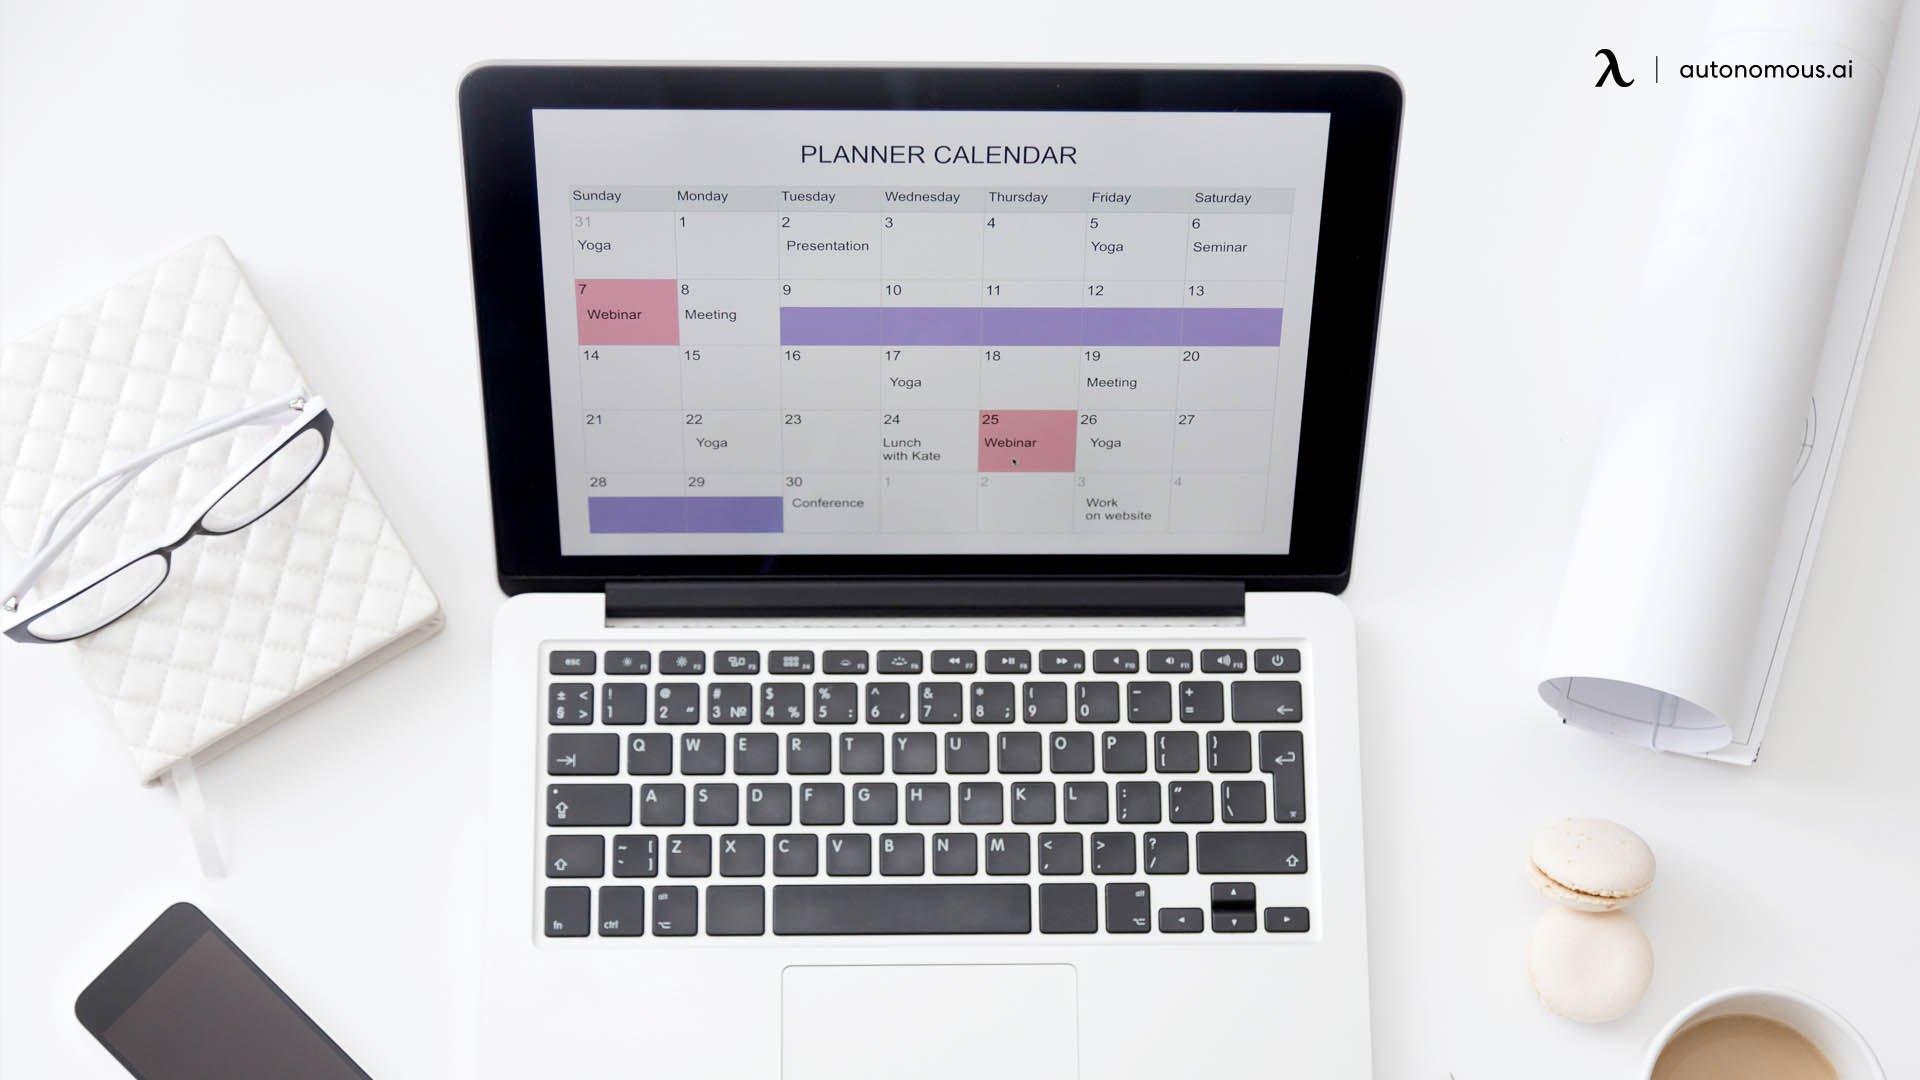 Autonomous SmartDesk 4 productivity features